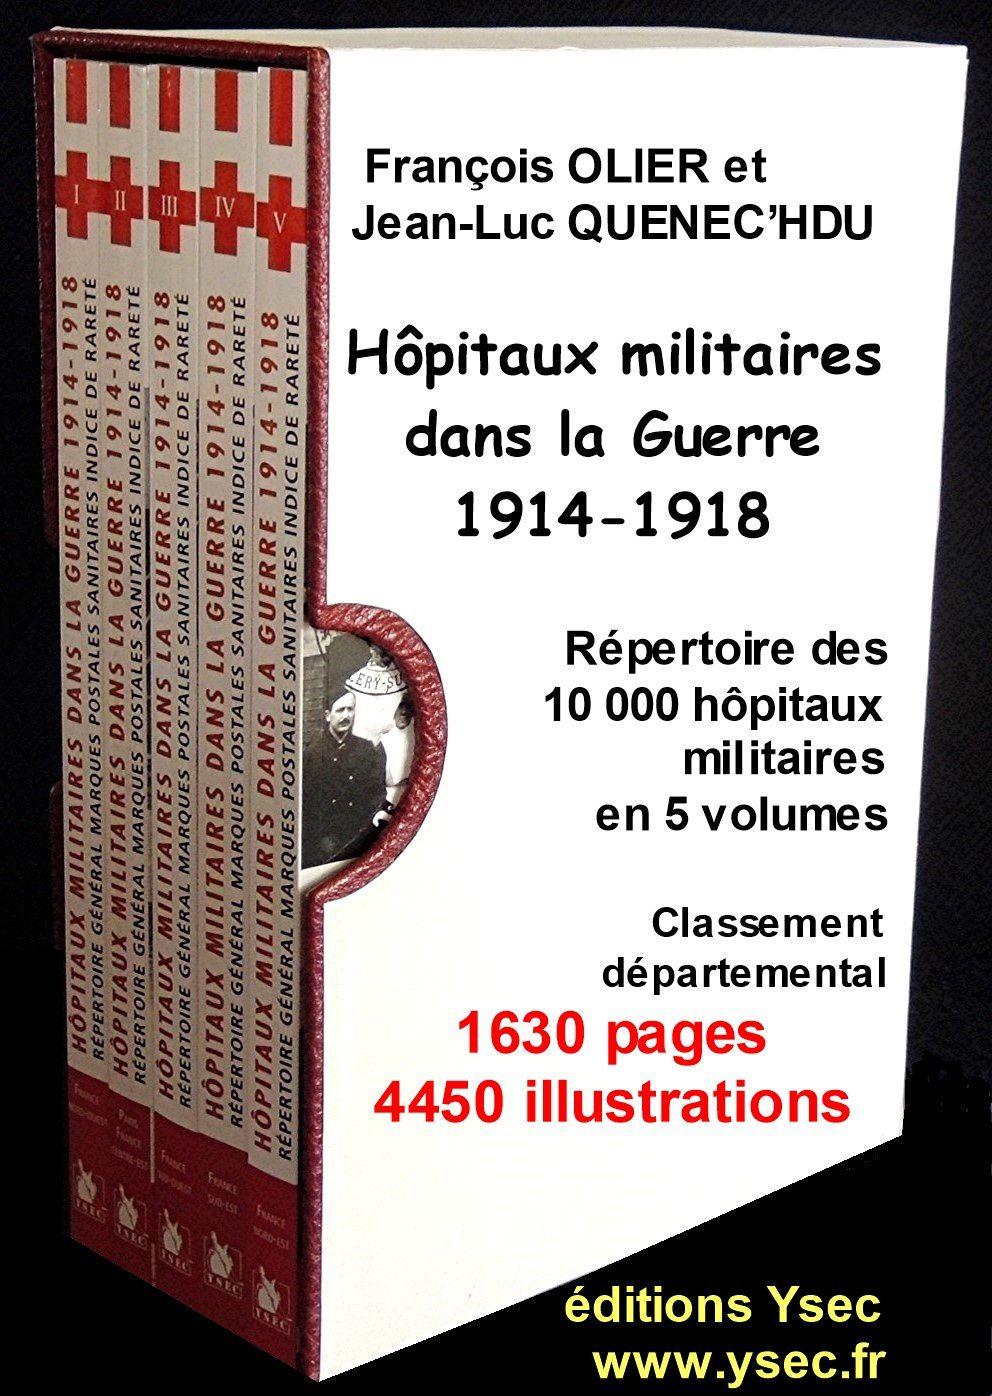 A00 - Les volumes de la collection des Hôpitaux dans la Guerre 1914-1918